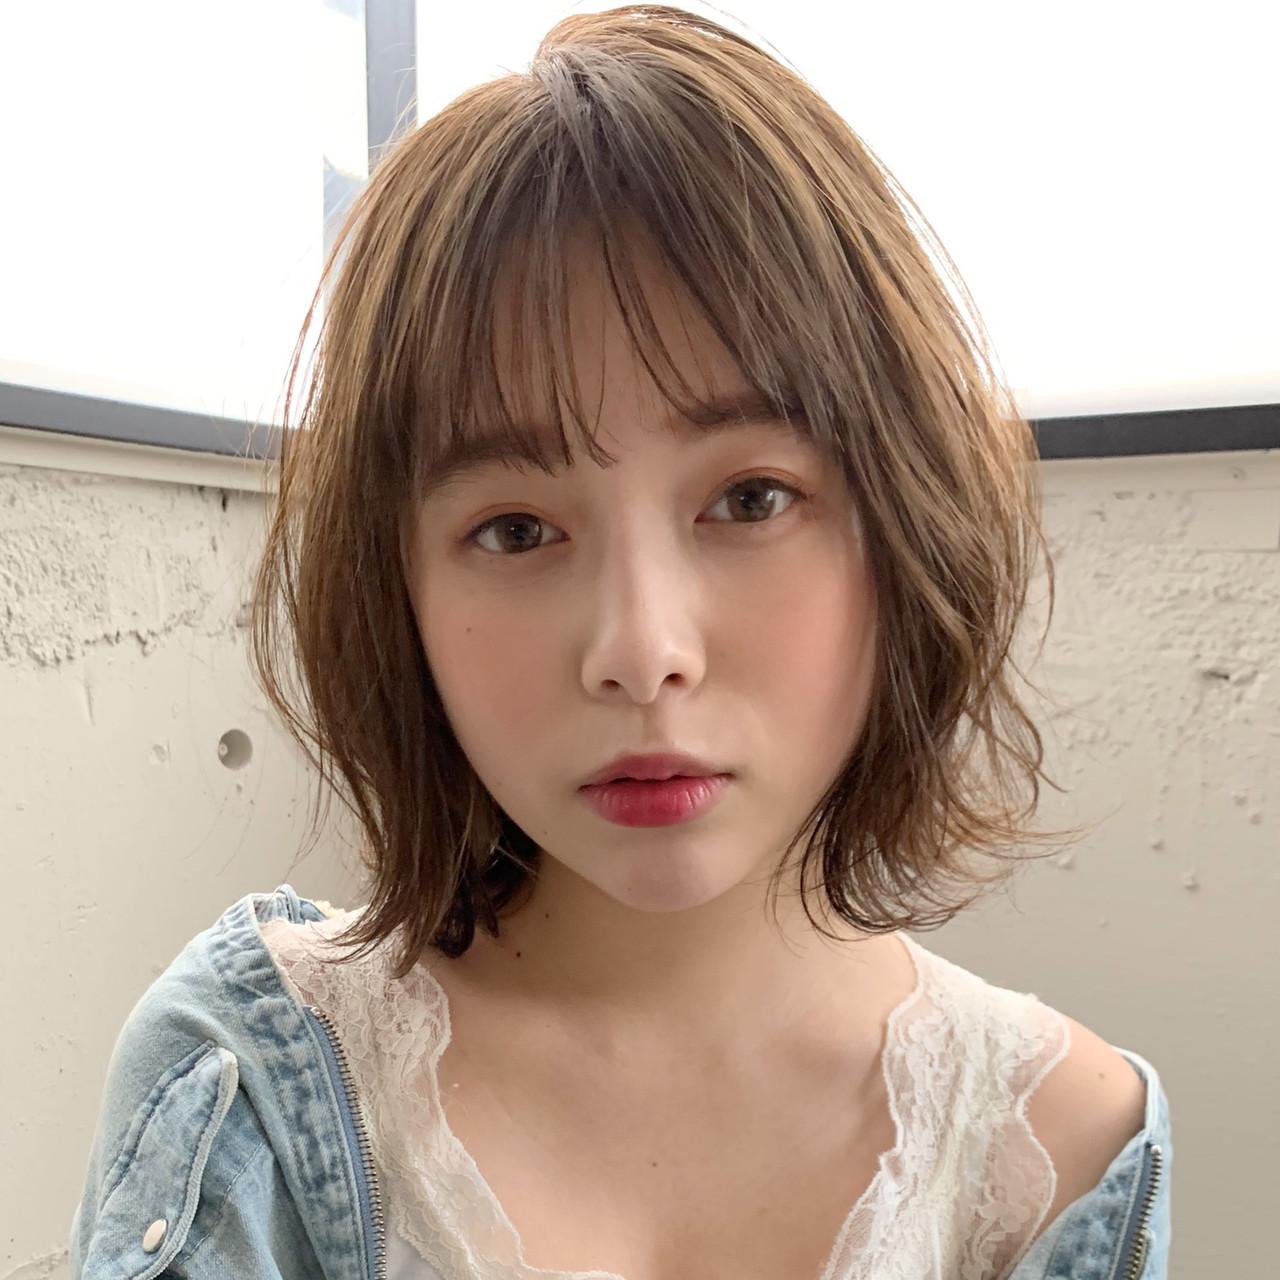 アンニュイほつれヘア ナチュラル 愛され 大人かわいい ヘアスタイルや髪型の写真・画像 | Natsuko Kodama 児玉奈都子 / dydi